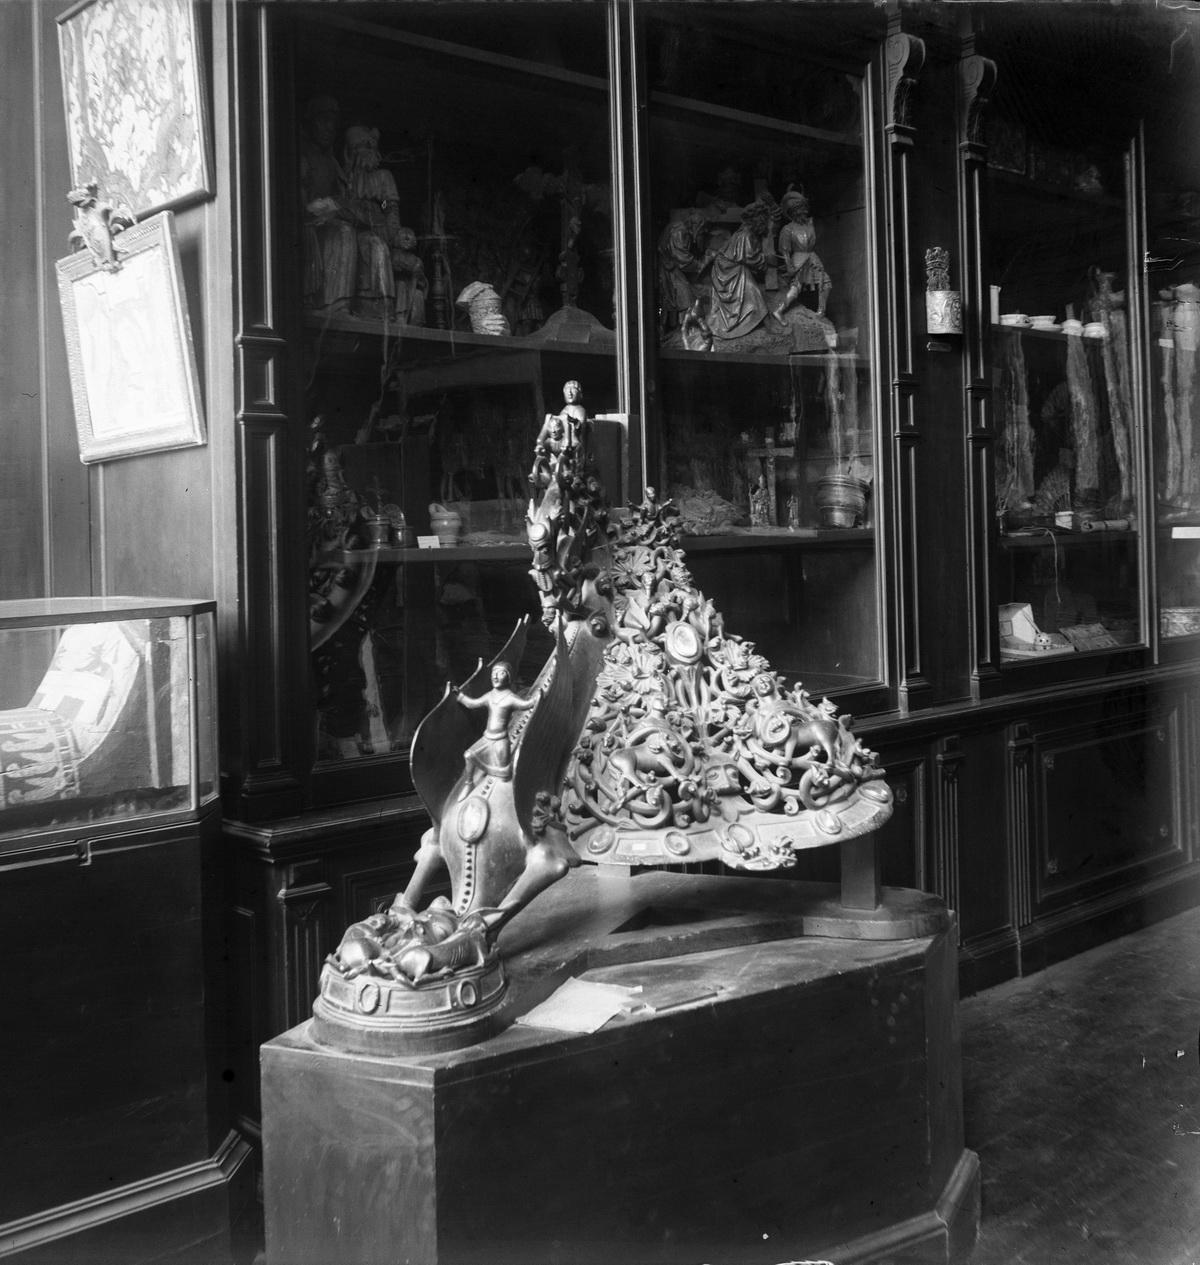 3-67-2844 - MUSEE DE REIMS FRAGMENT DU CANDELABRE DE LA REINE FREDERONNE